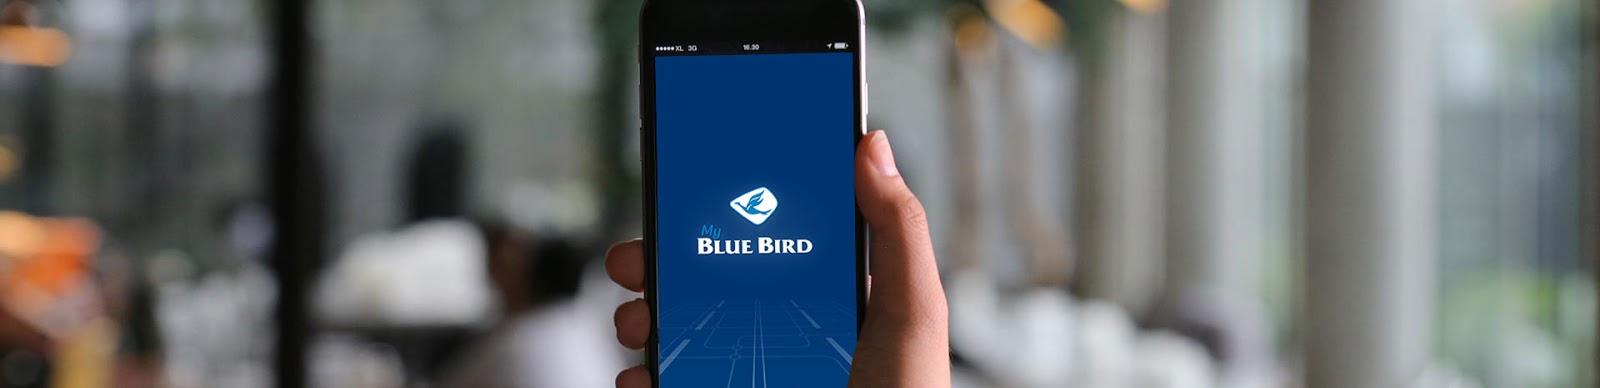 Blue Bird, Sekarang Semakin Mudah dan Memanjakan Penumpang